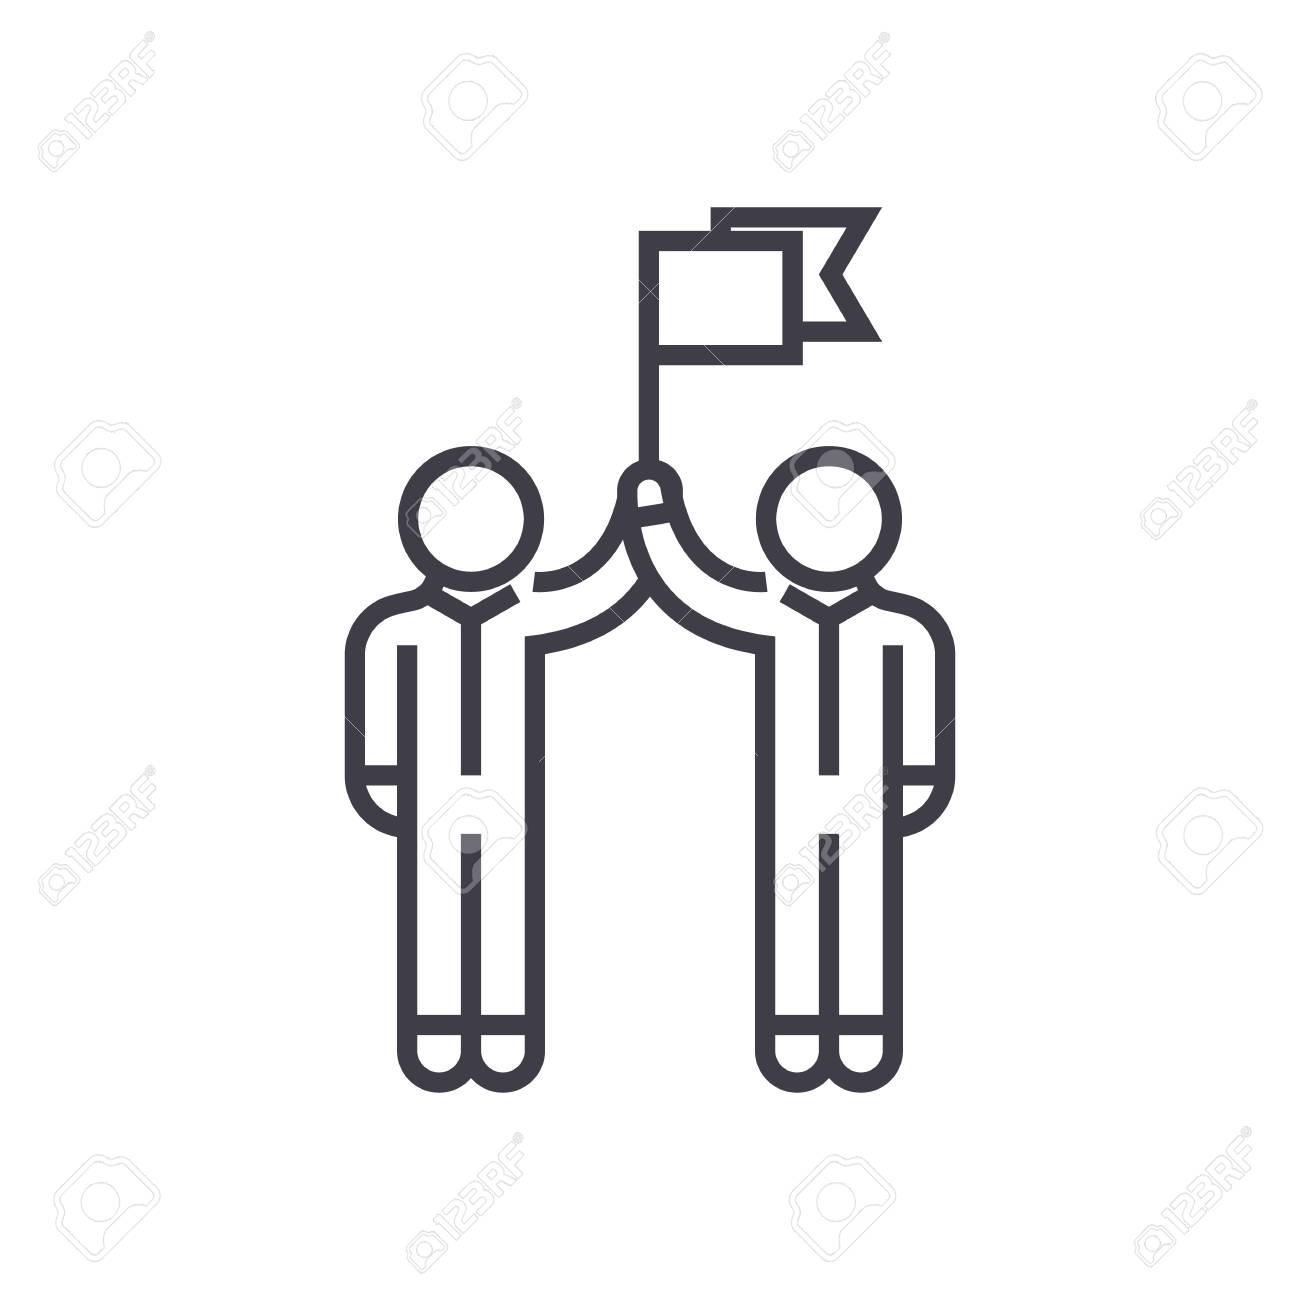 Großzügig Ein Linien Diagramm Symbole Standards Bilder - Elektrische ...